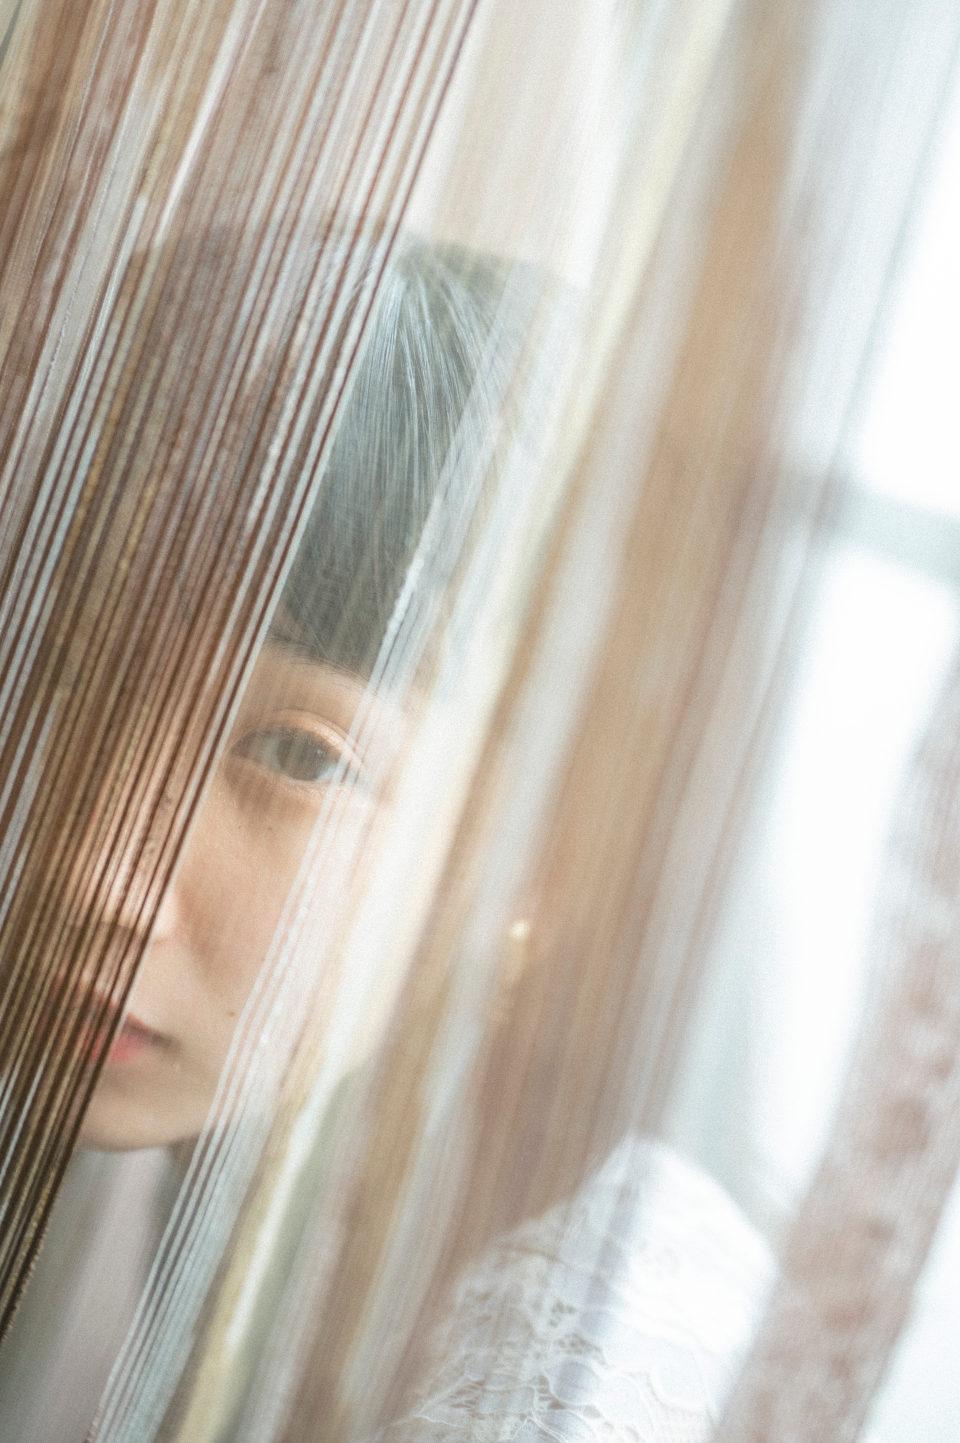 Z 6II、NIKKOR Z 50mm f/1.8 S/photo by 酒井貴弘